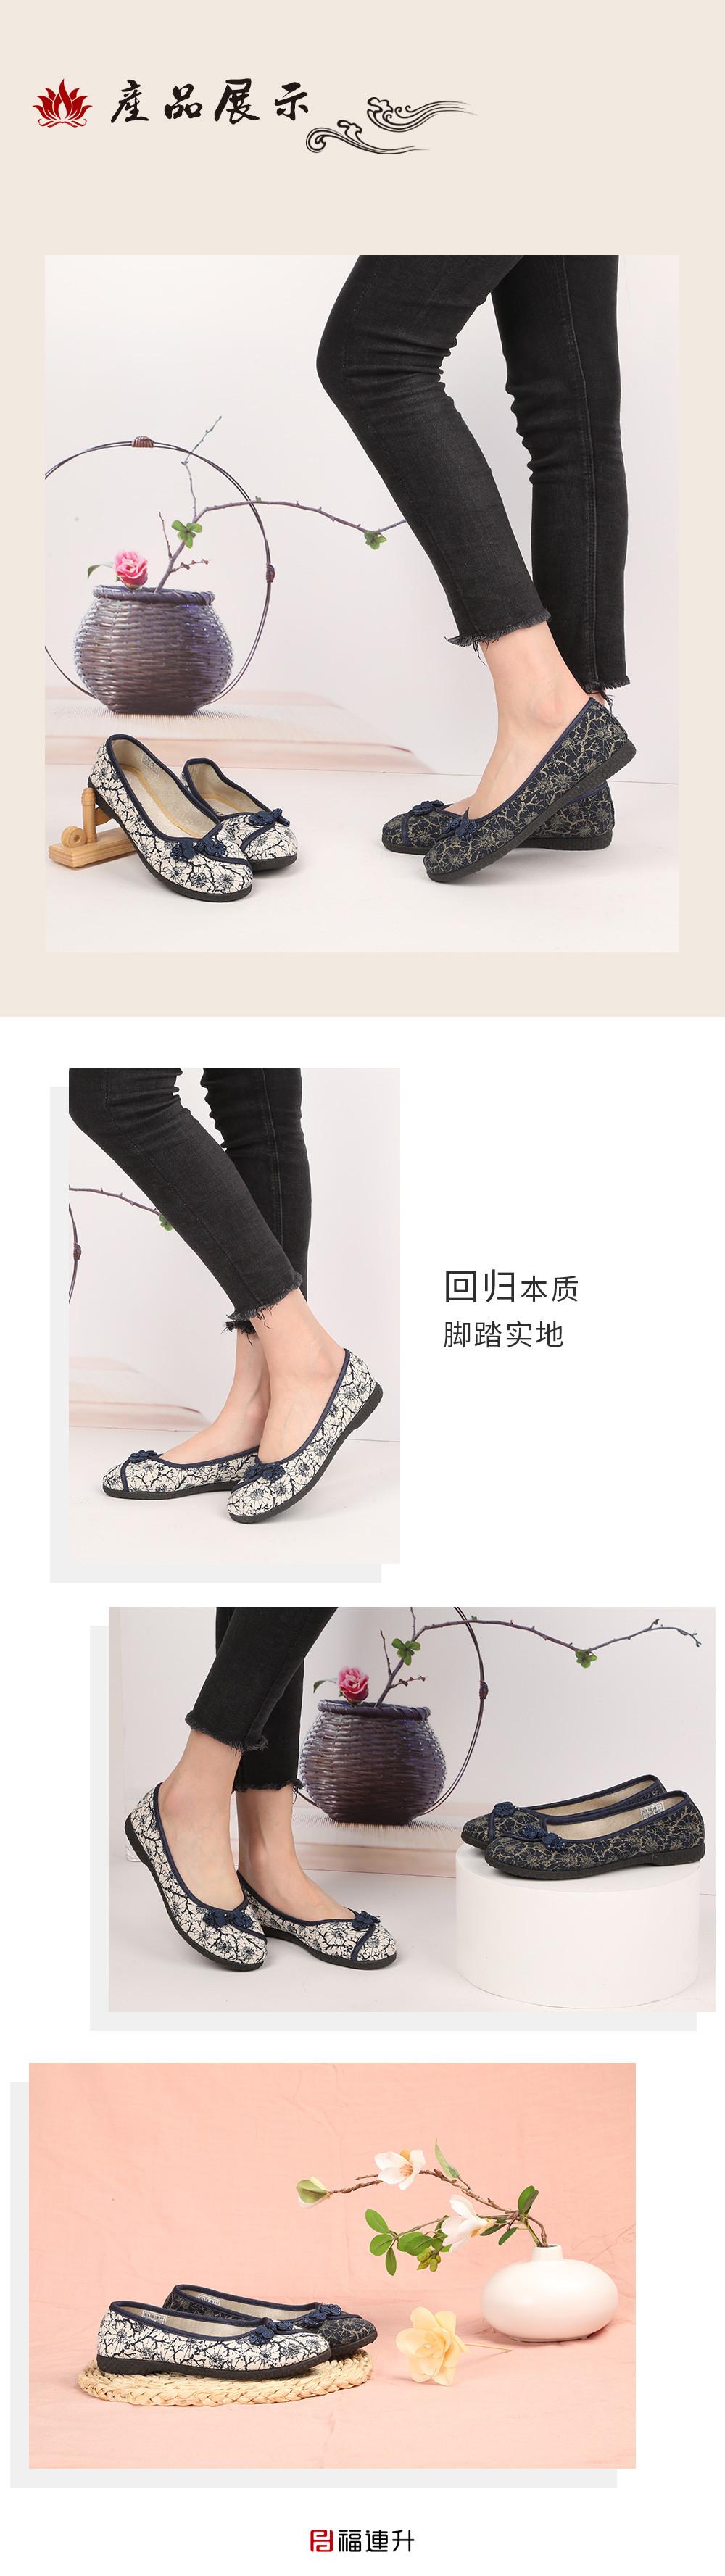 福连升老北京布鞋春夏浅口民族风玉兰碎花女单鞋图片